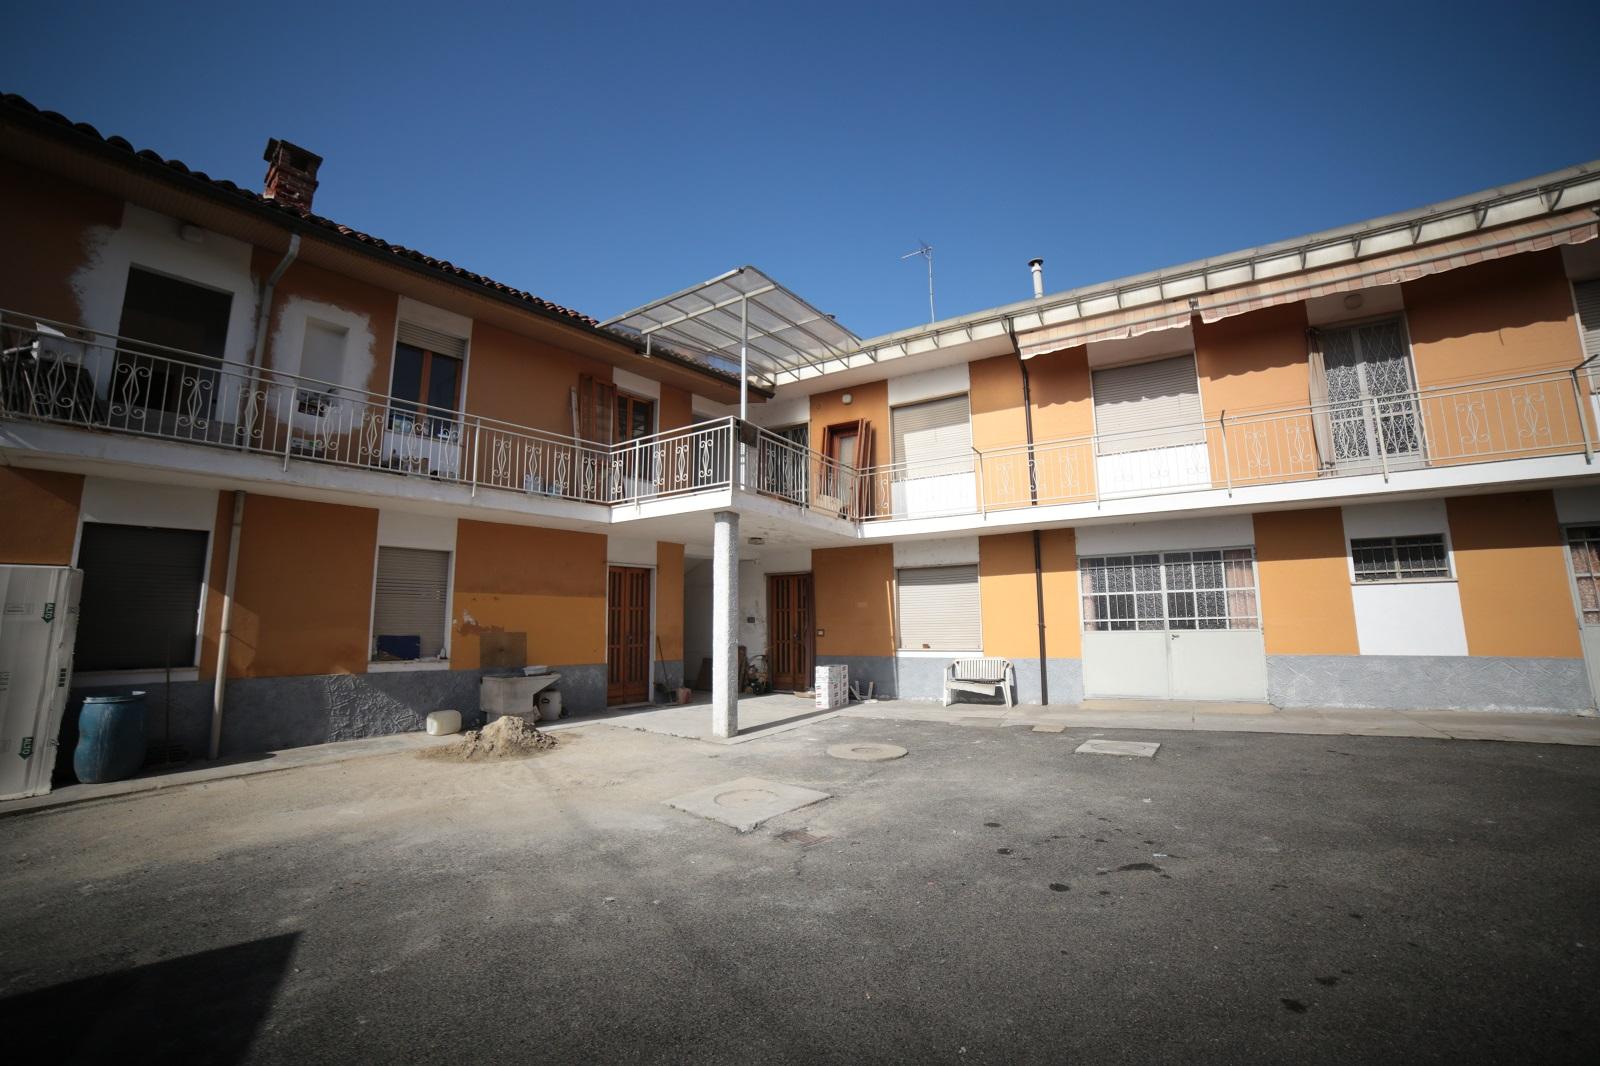 Foto 1 di Stabile - Palazzo Carmagnola